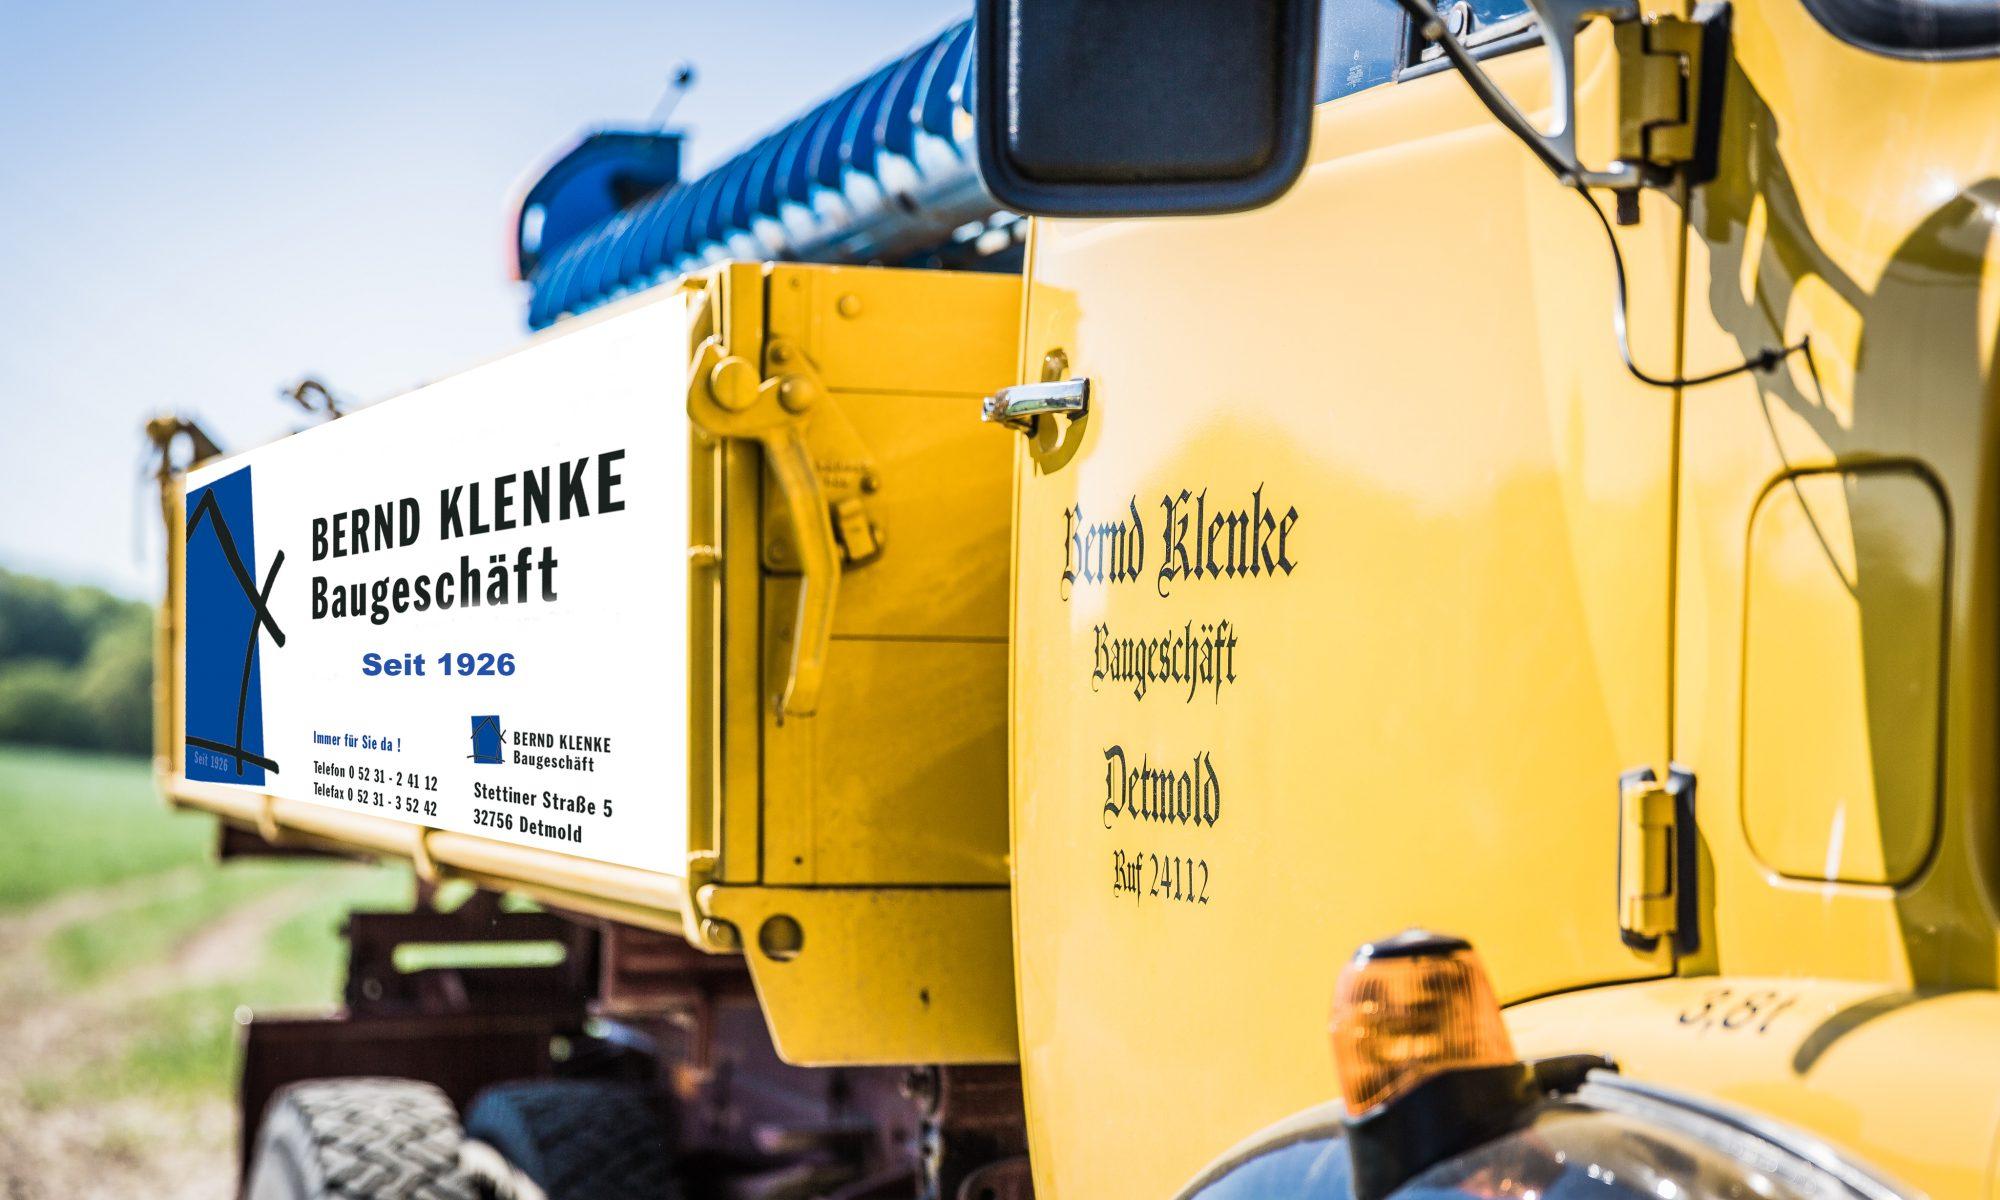 Klenke Bauunternehmen